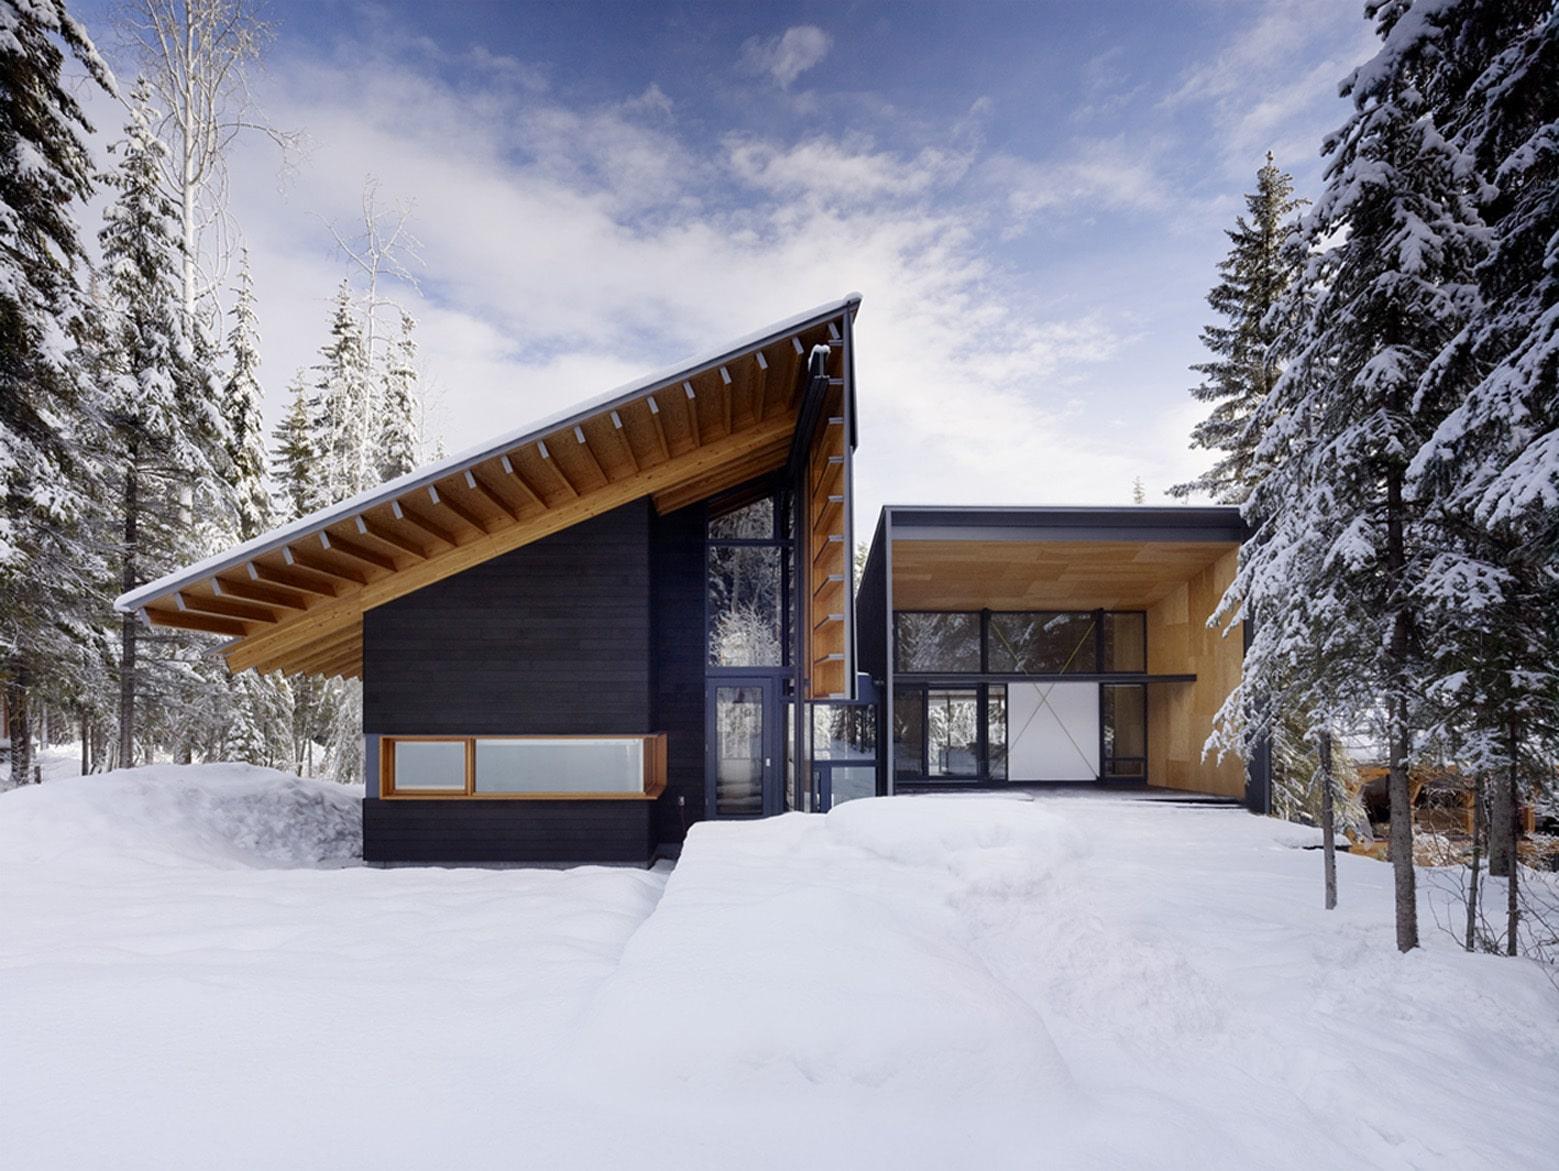 Dise o de casa dividida en dos partes planos e interiores for Casa moderna and design